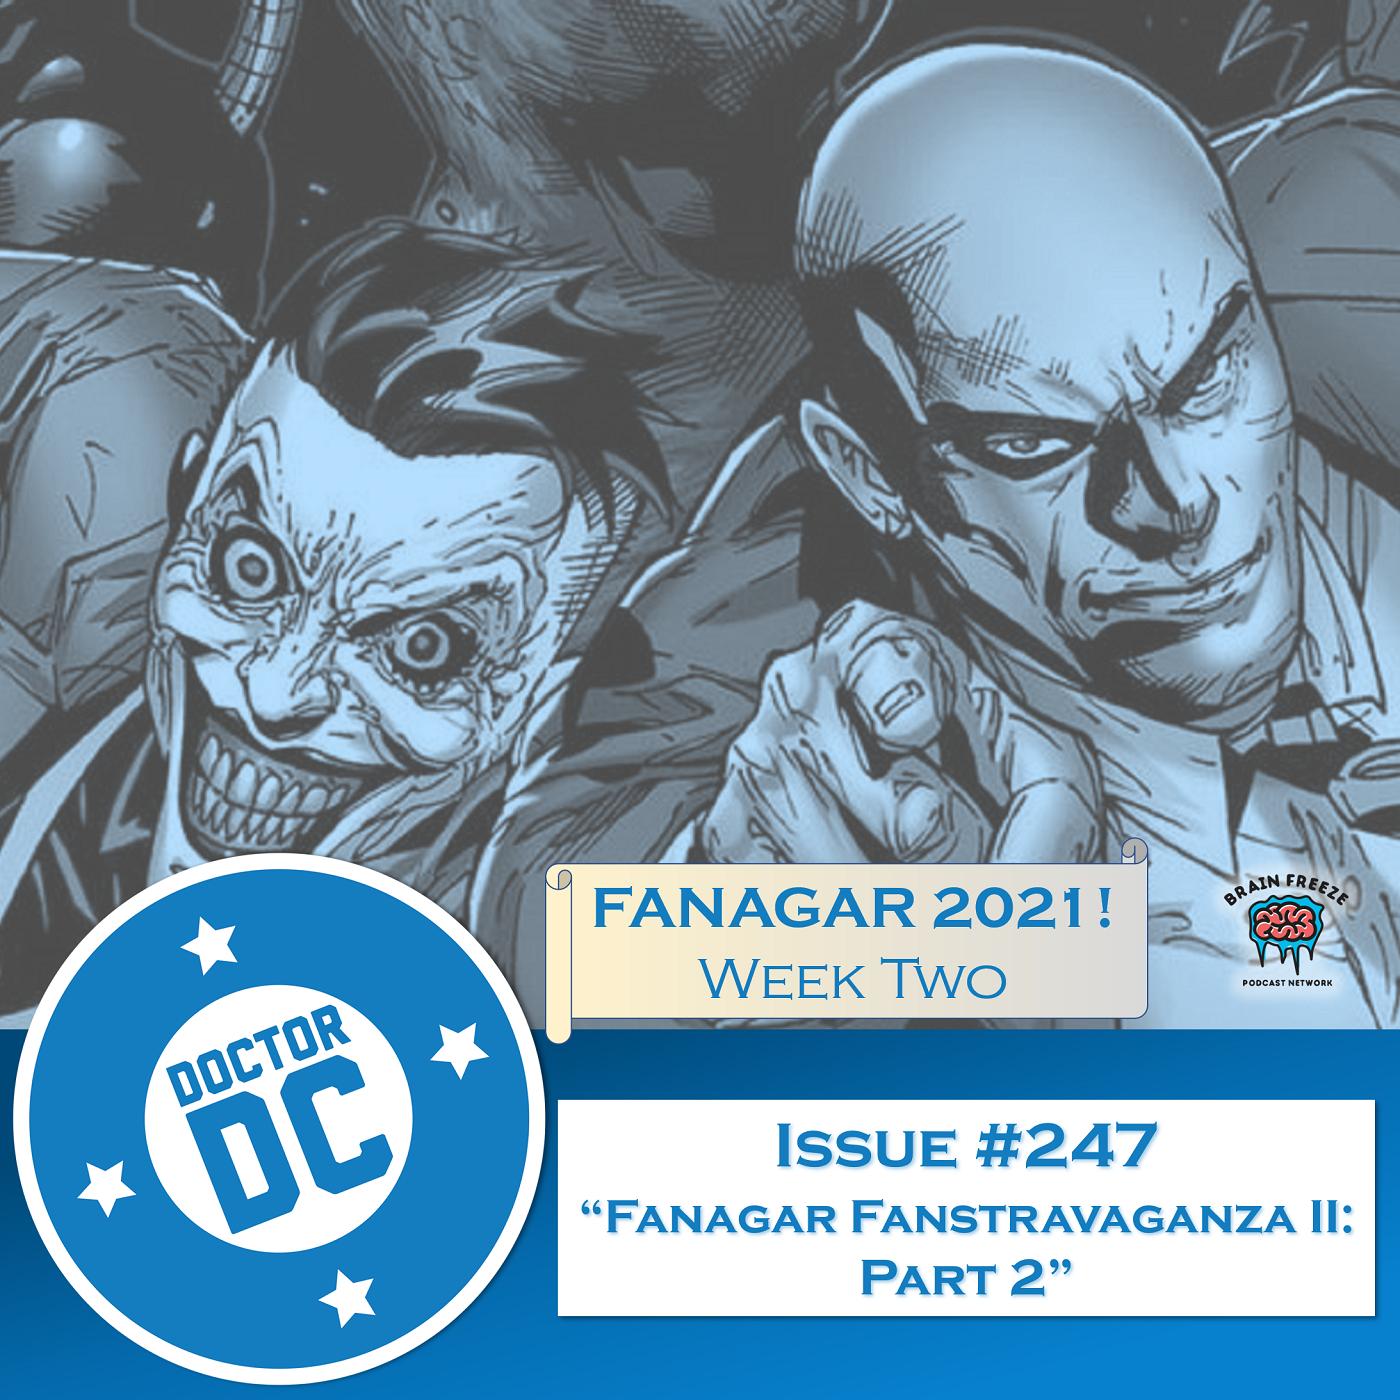 """Issue #247 - """"Fanagar Fanstravaganza II: Part 2"""" show art"""